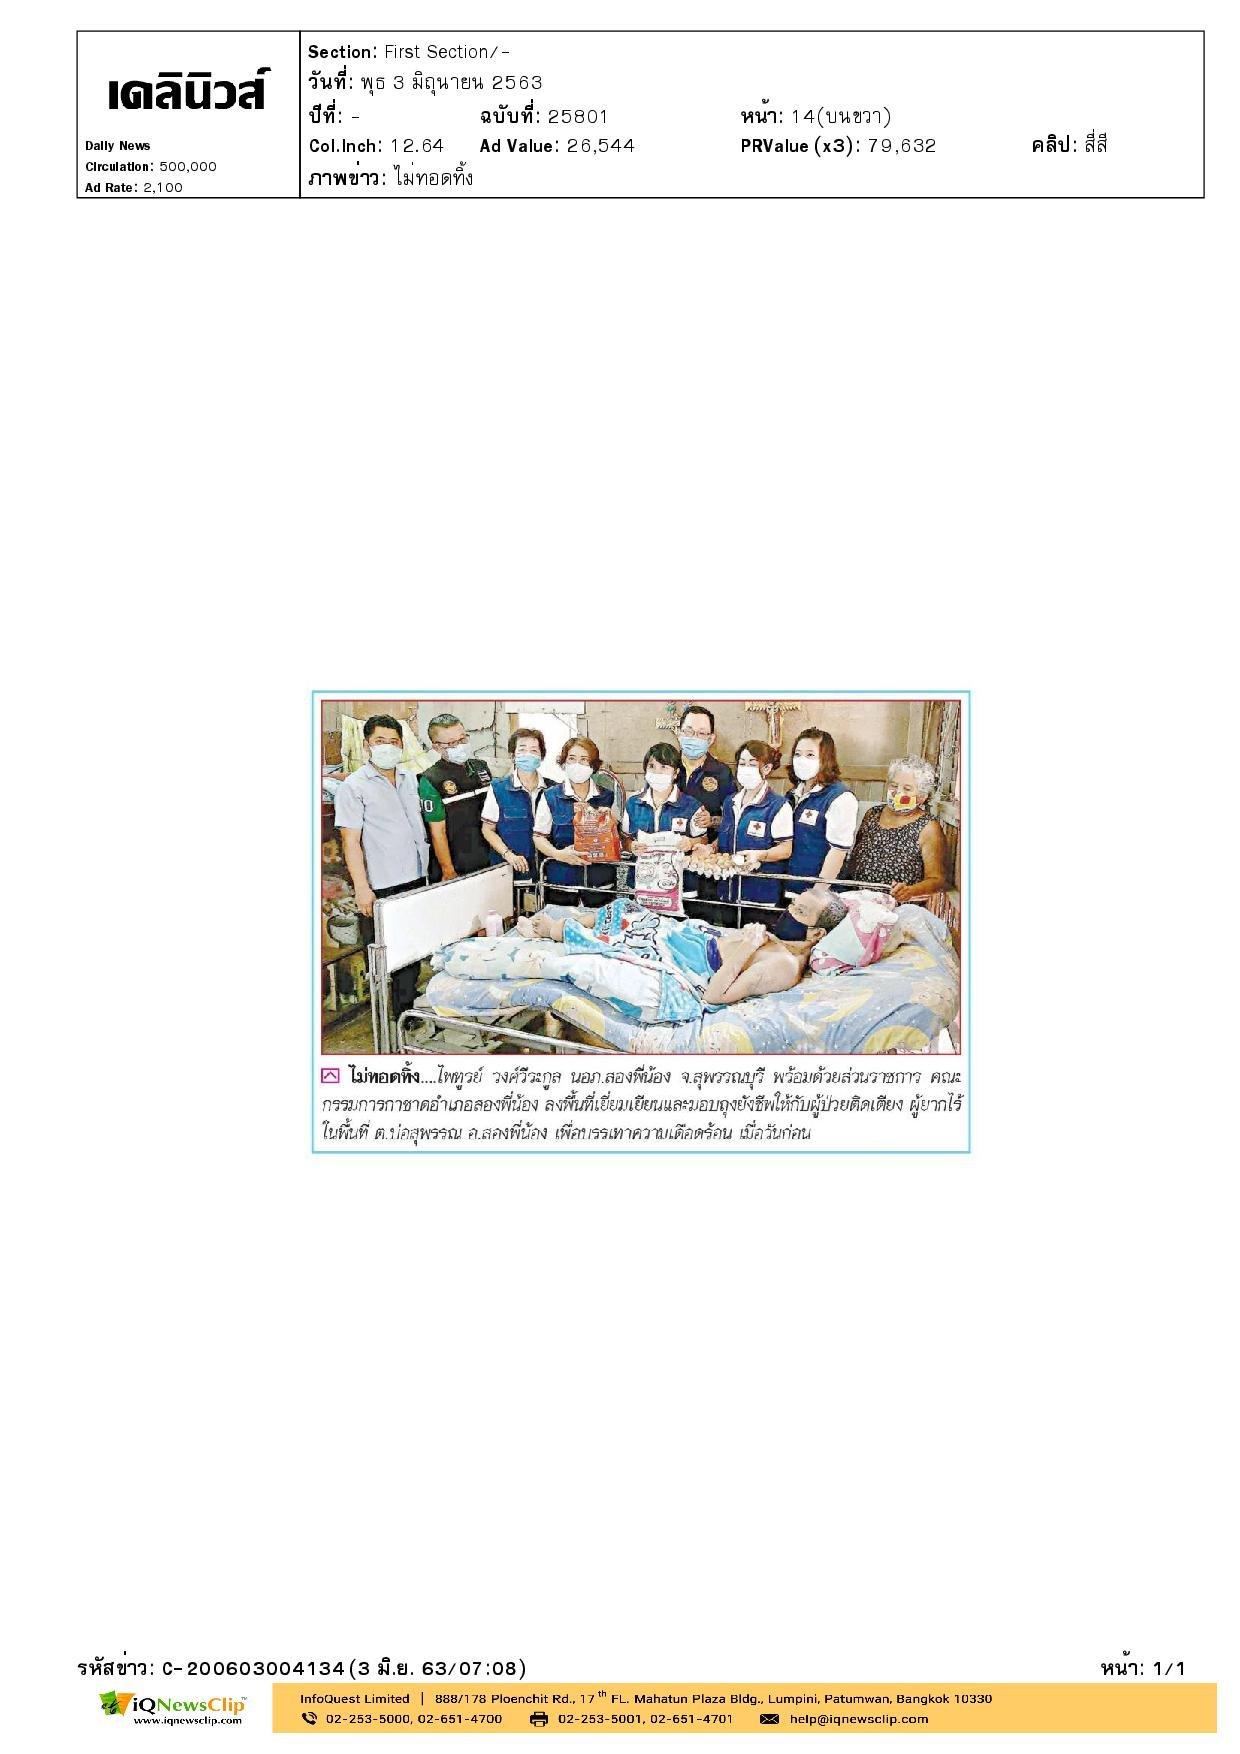 คณะกรรมการกิ่งกาชาด  มอบถุงยังชีพให้กับผู้ป่วยติดเตียง